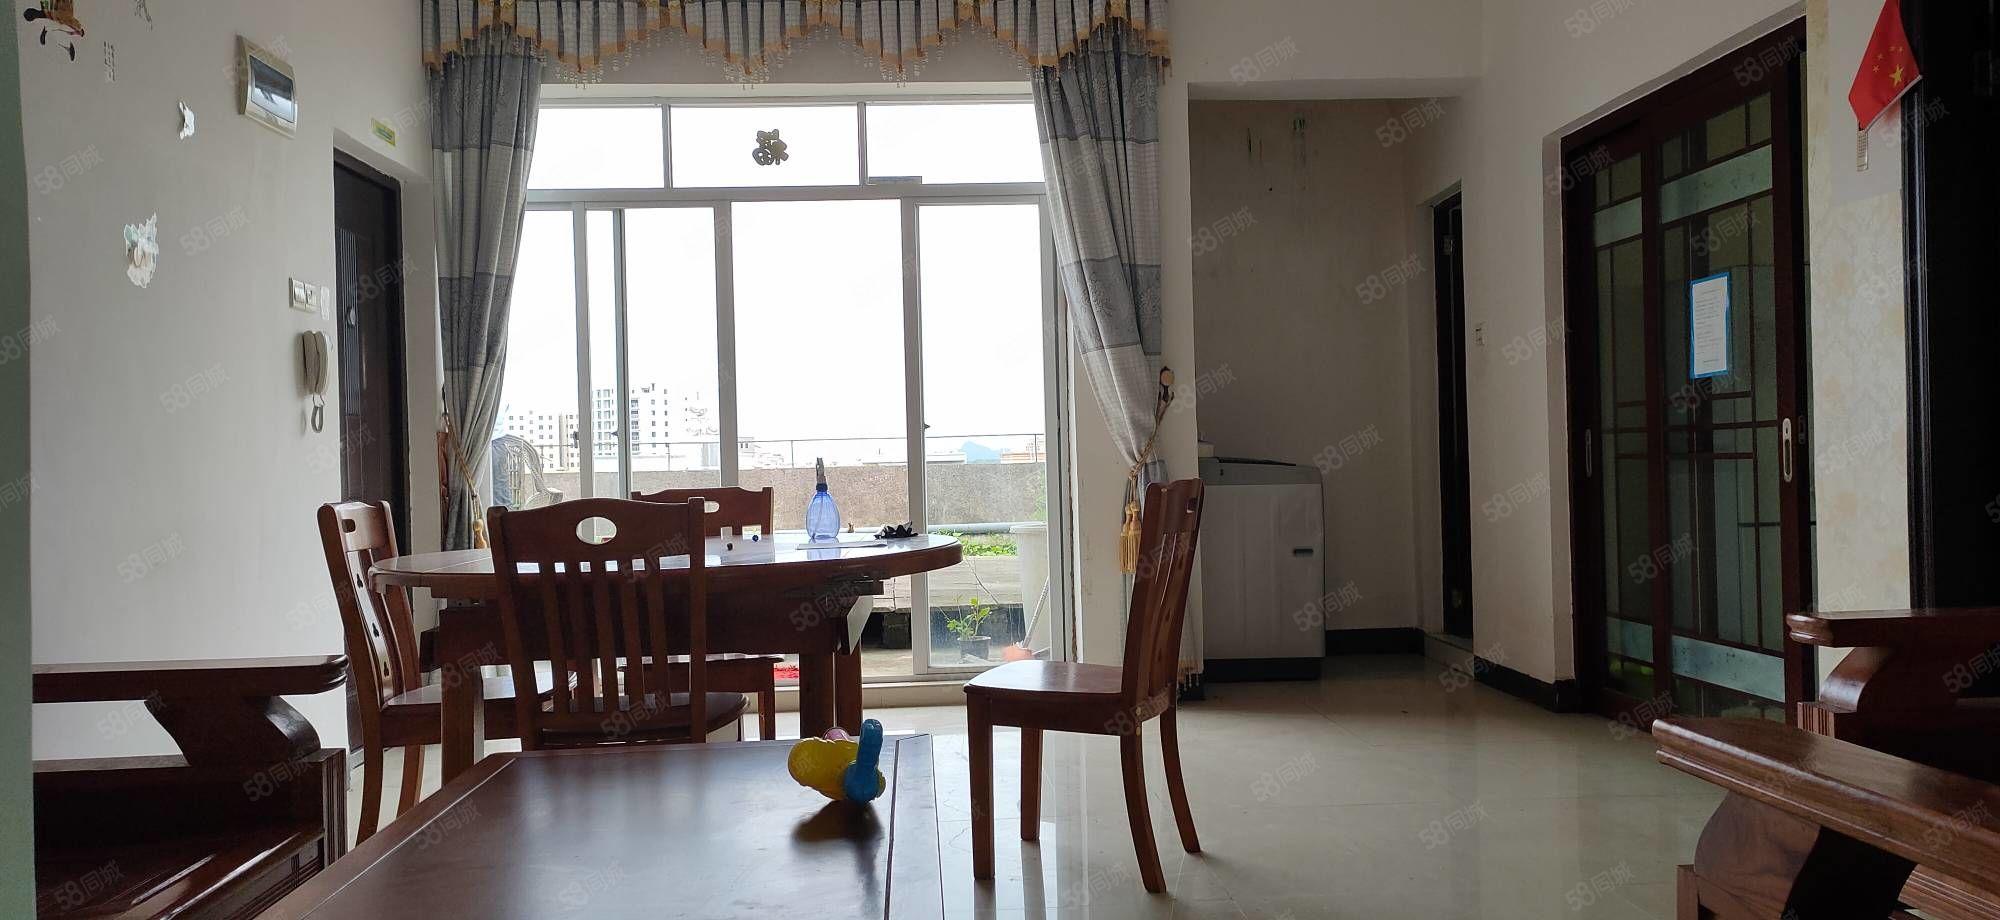 帝福华庭旁不动产权房100平方送60平方天台,装修新净